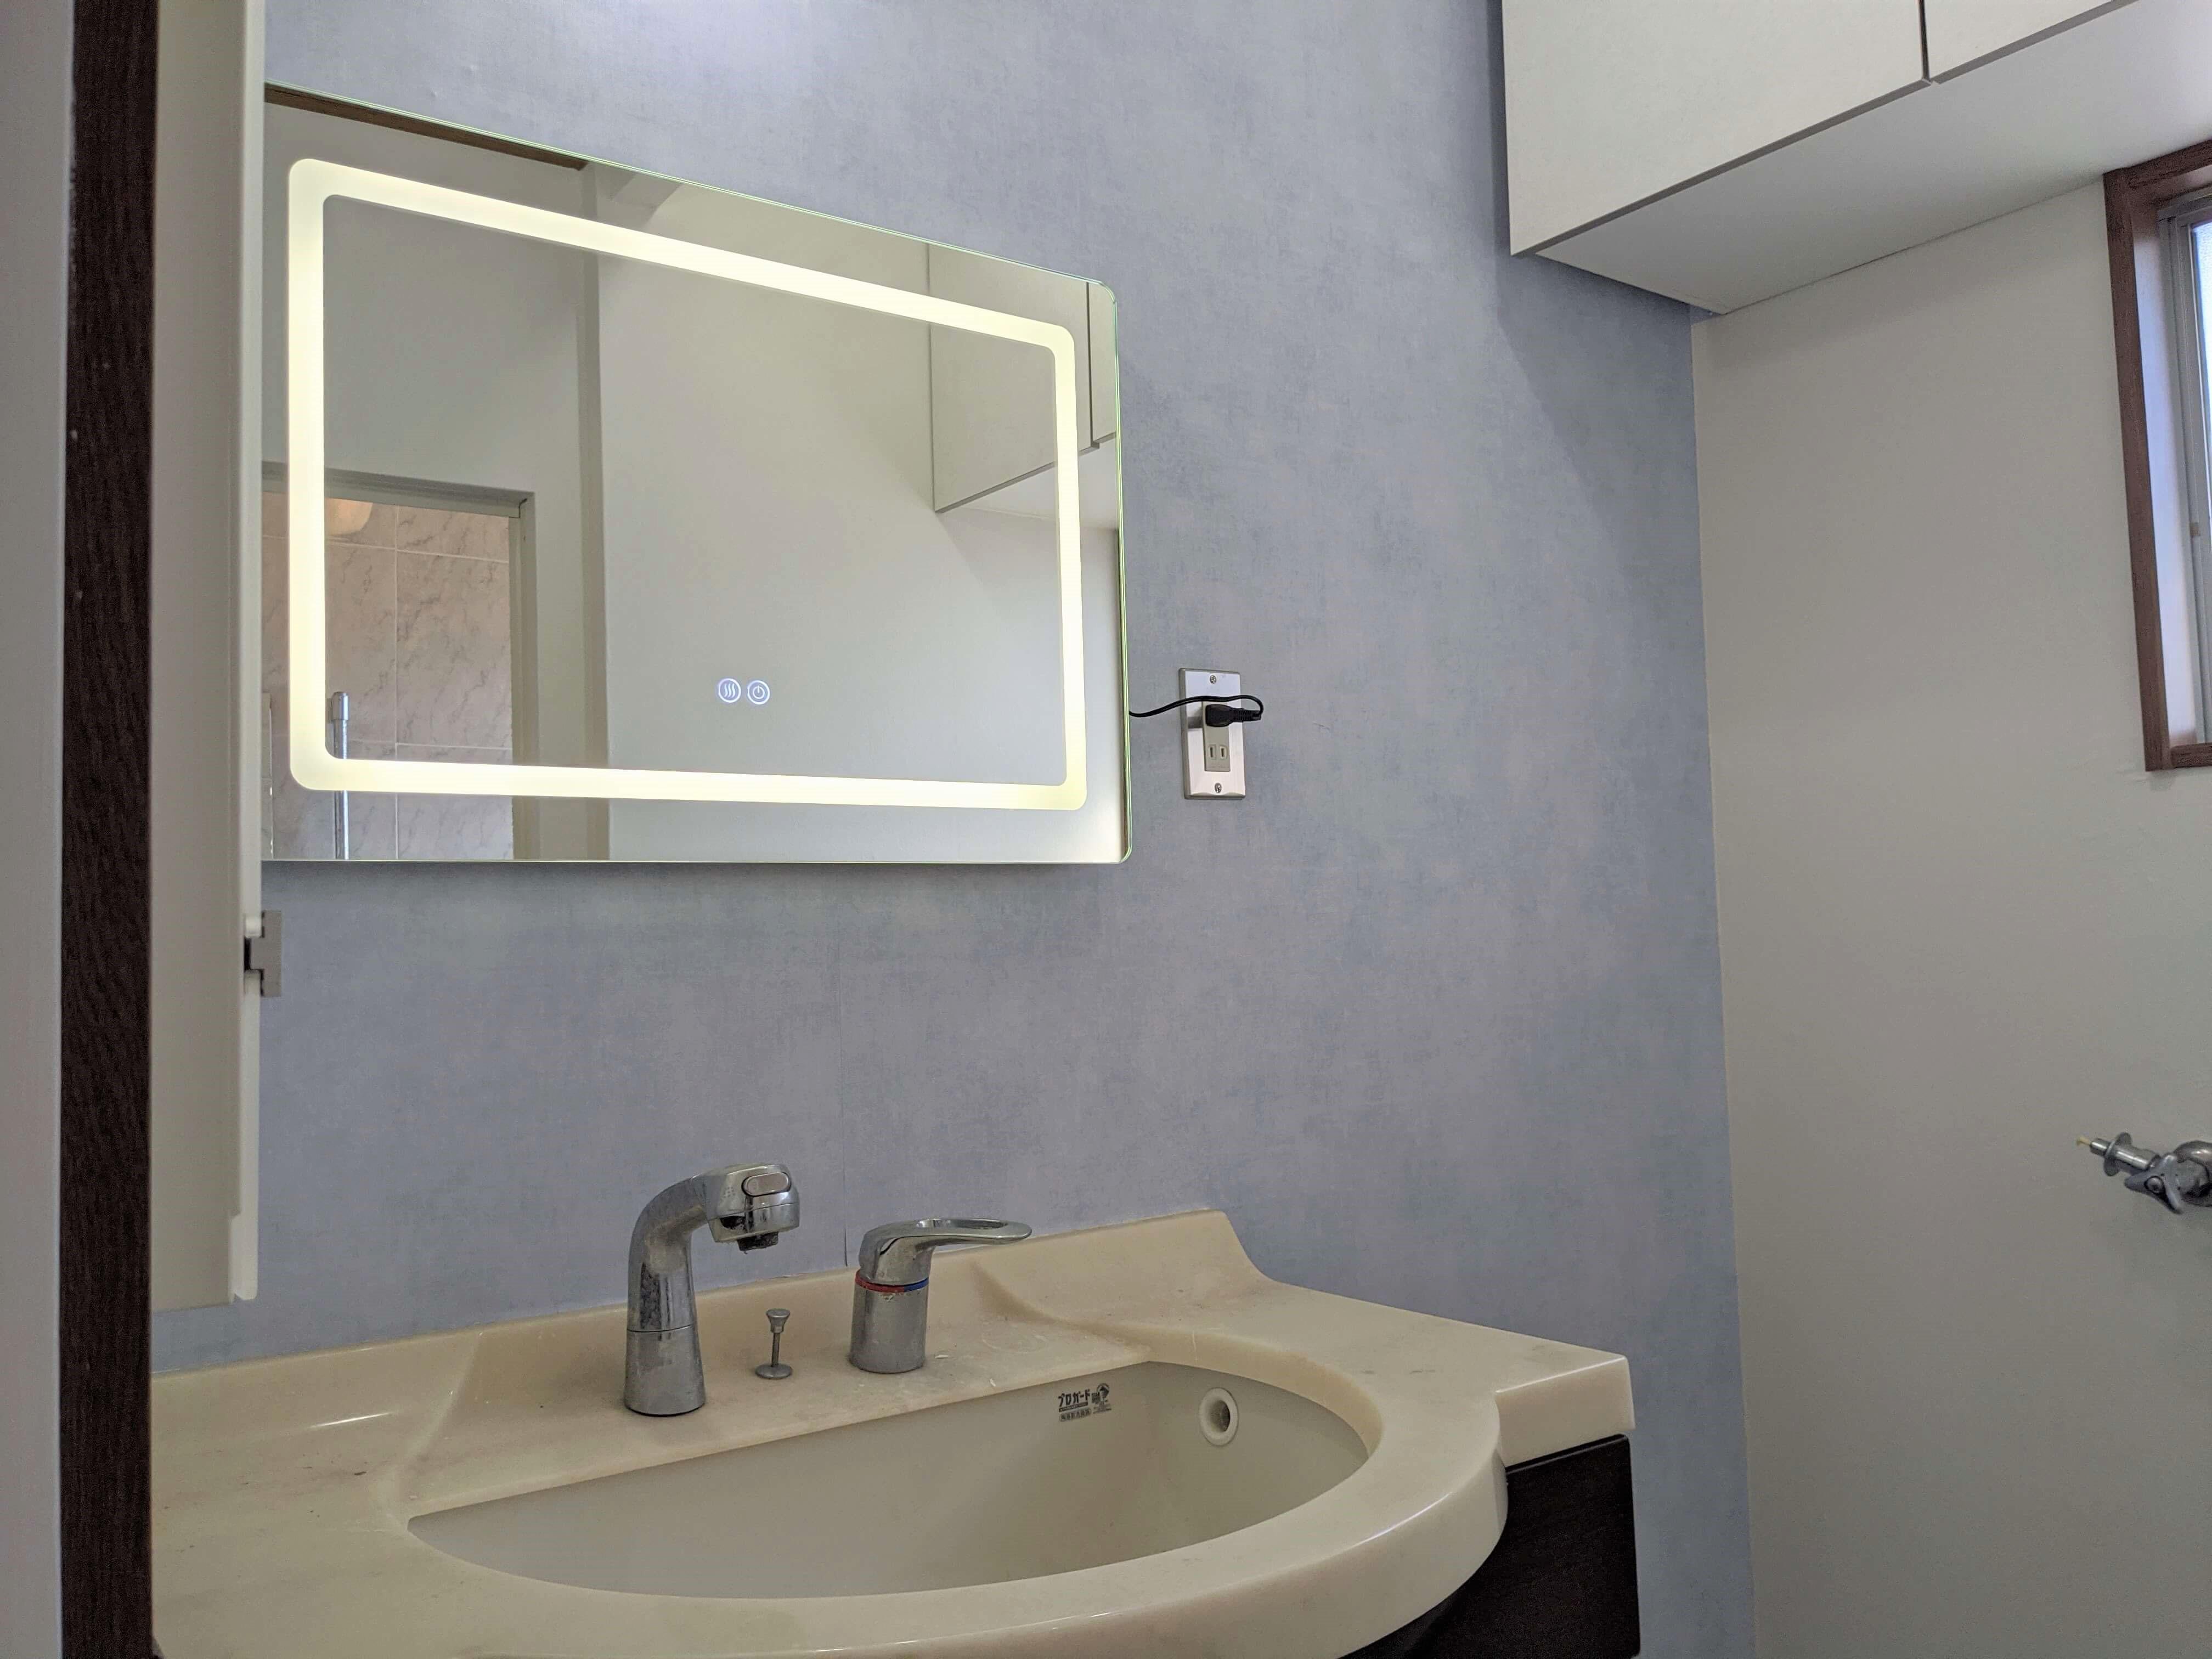 まるでホテル Ledミラーと海外壁紙を使って洗面所をセルフリフォーム 最終回 Diy Magazine